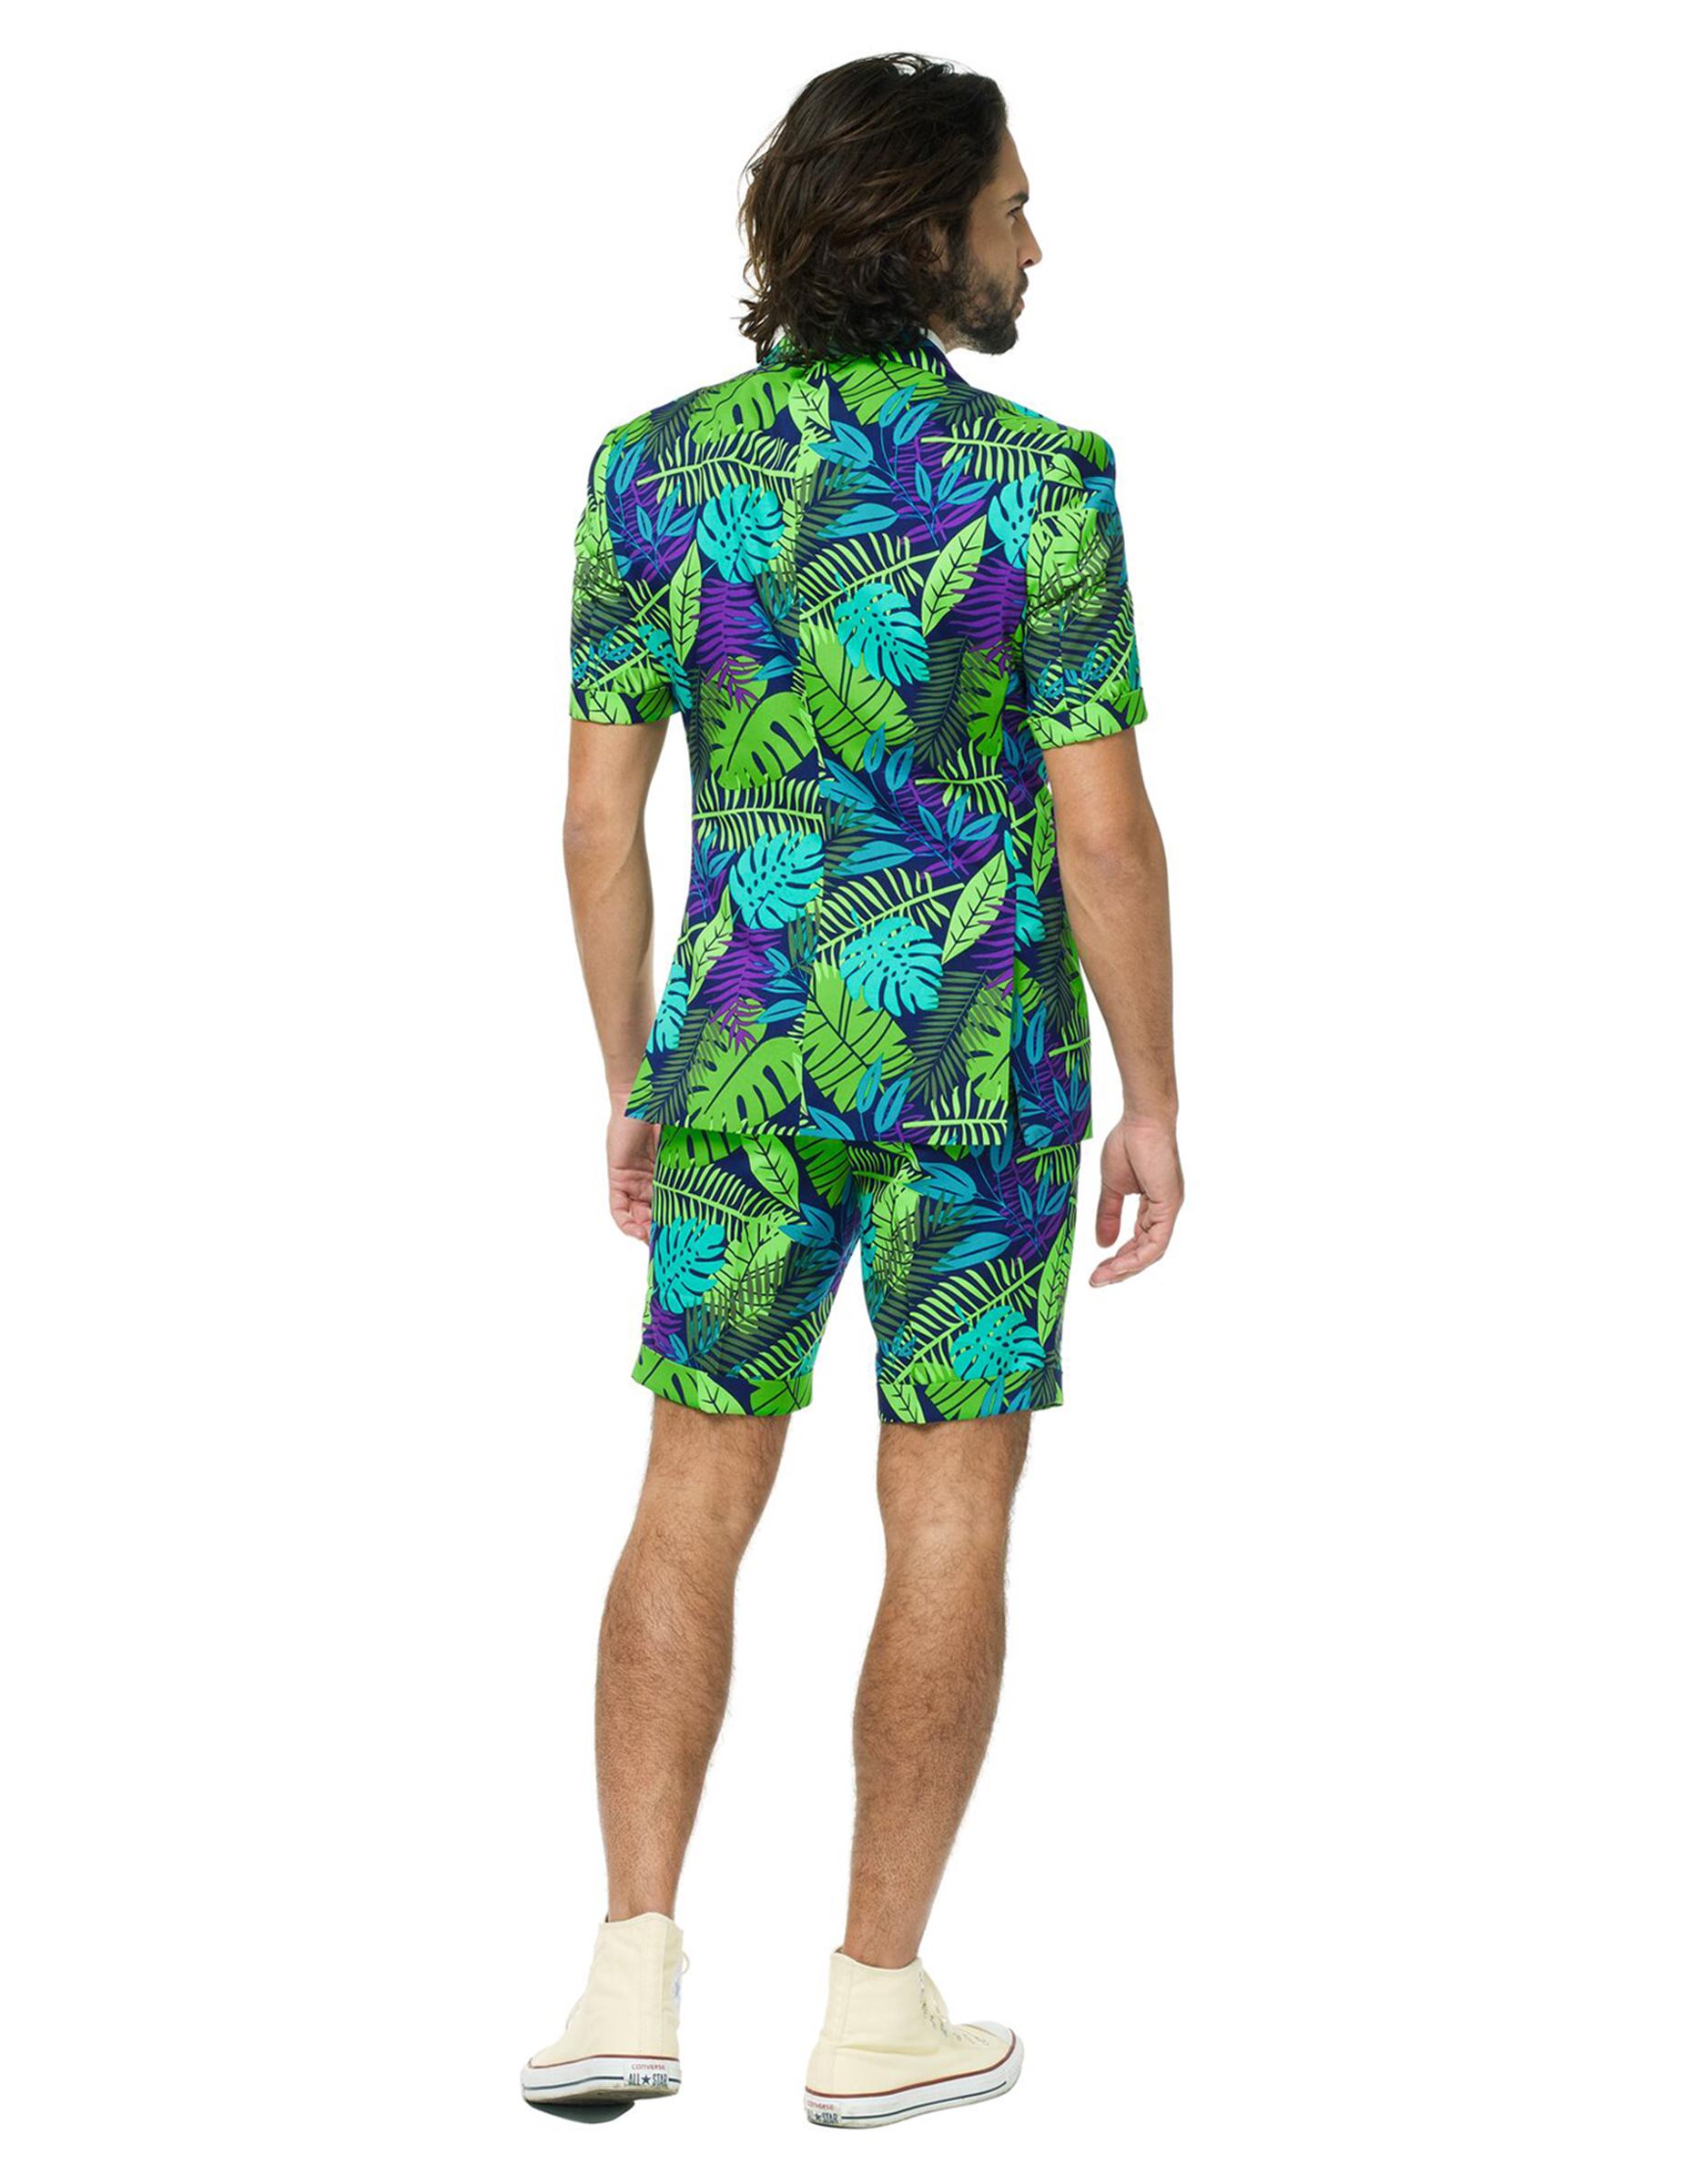 costume d 39 t mr juicy jungle homme opposuits deguise toi achat de d guisements adultes. Black Bedroom Furniture Sets. Home Design Ideas